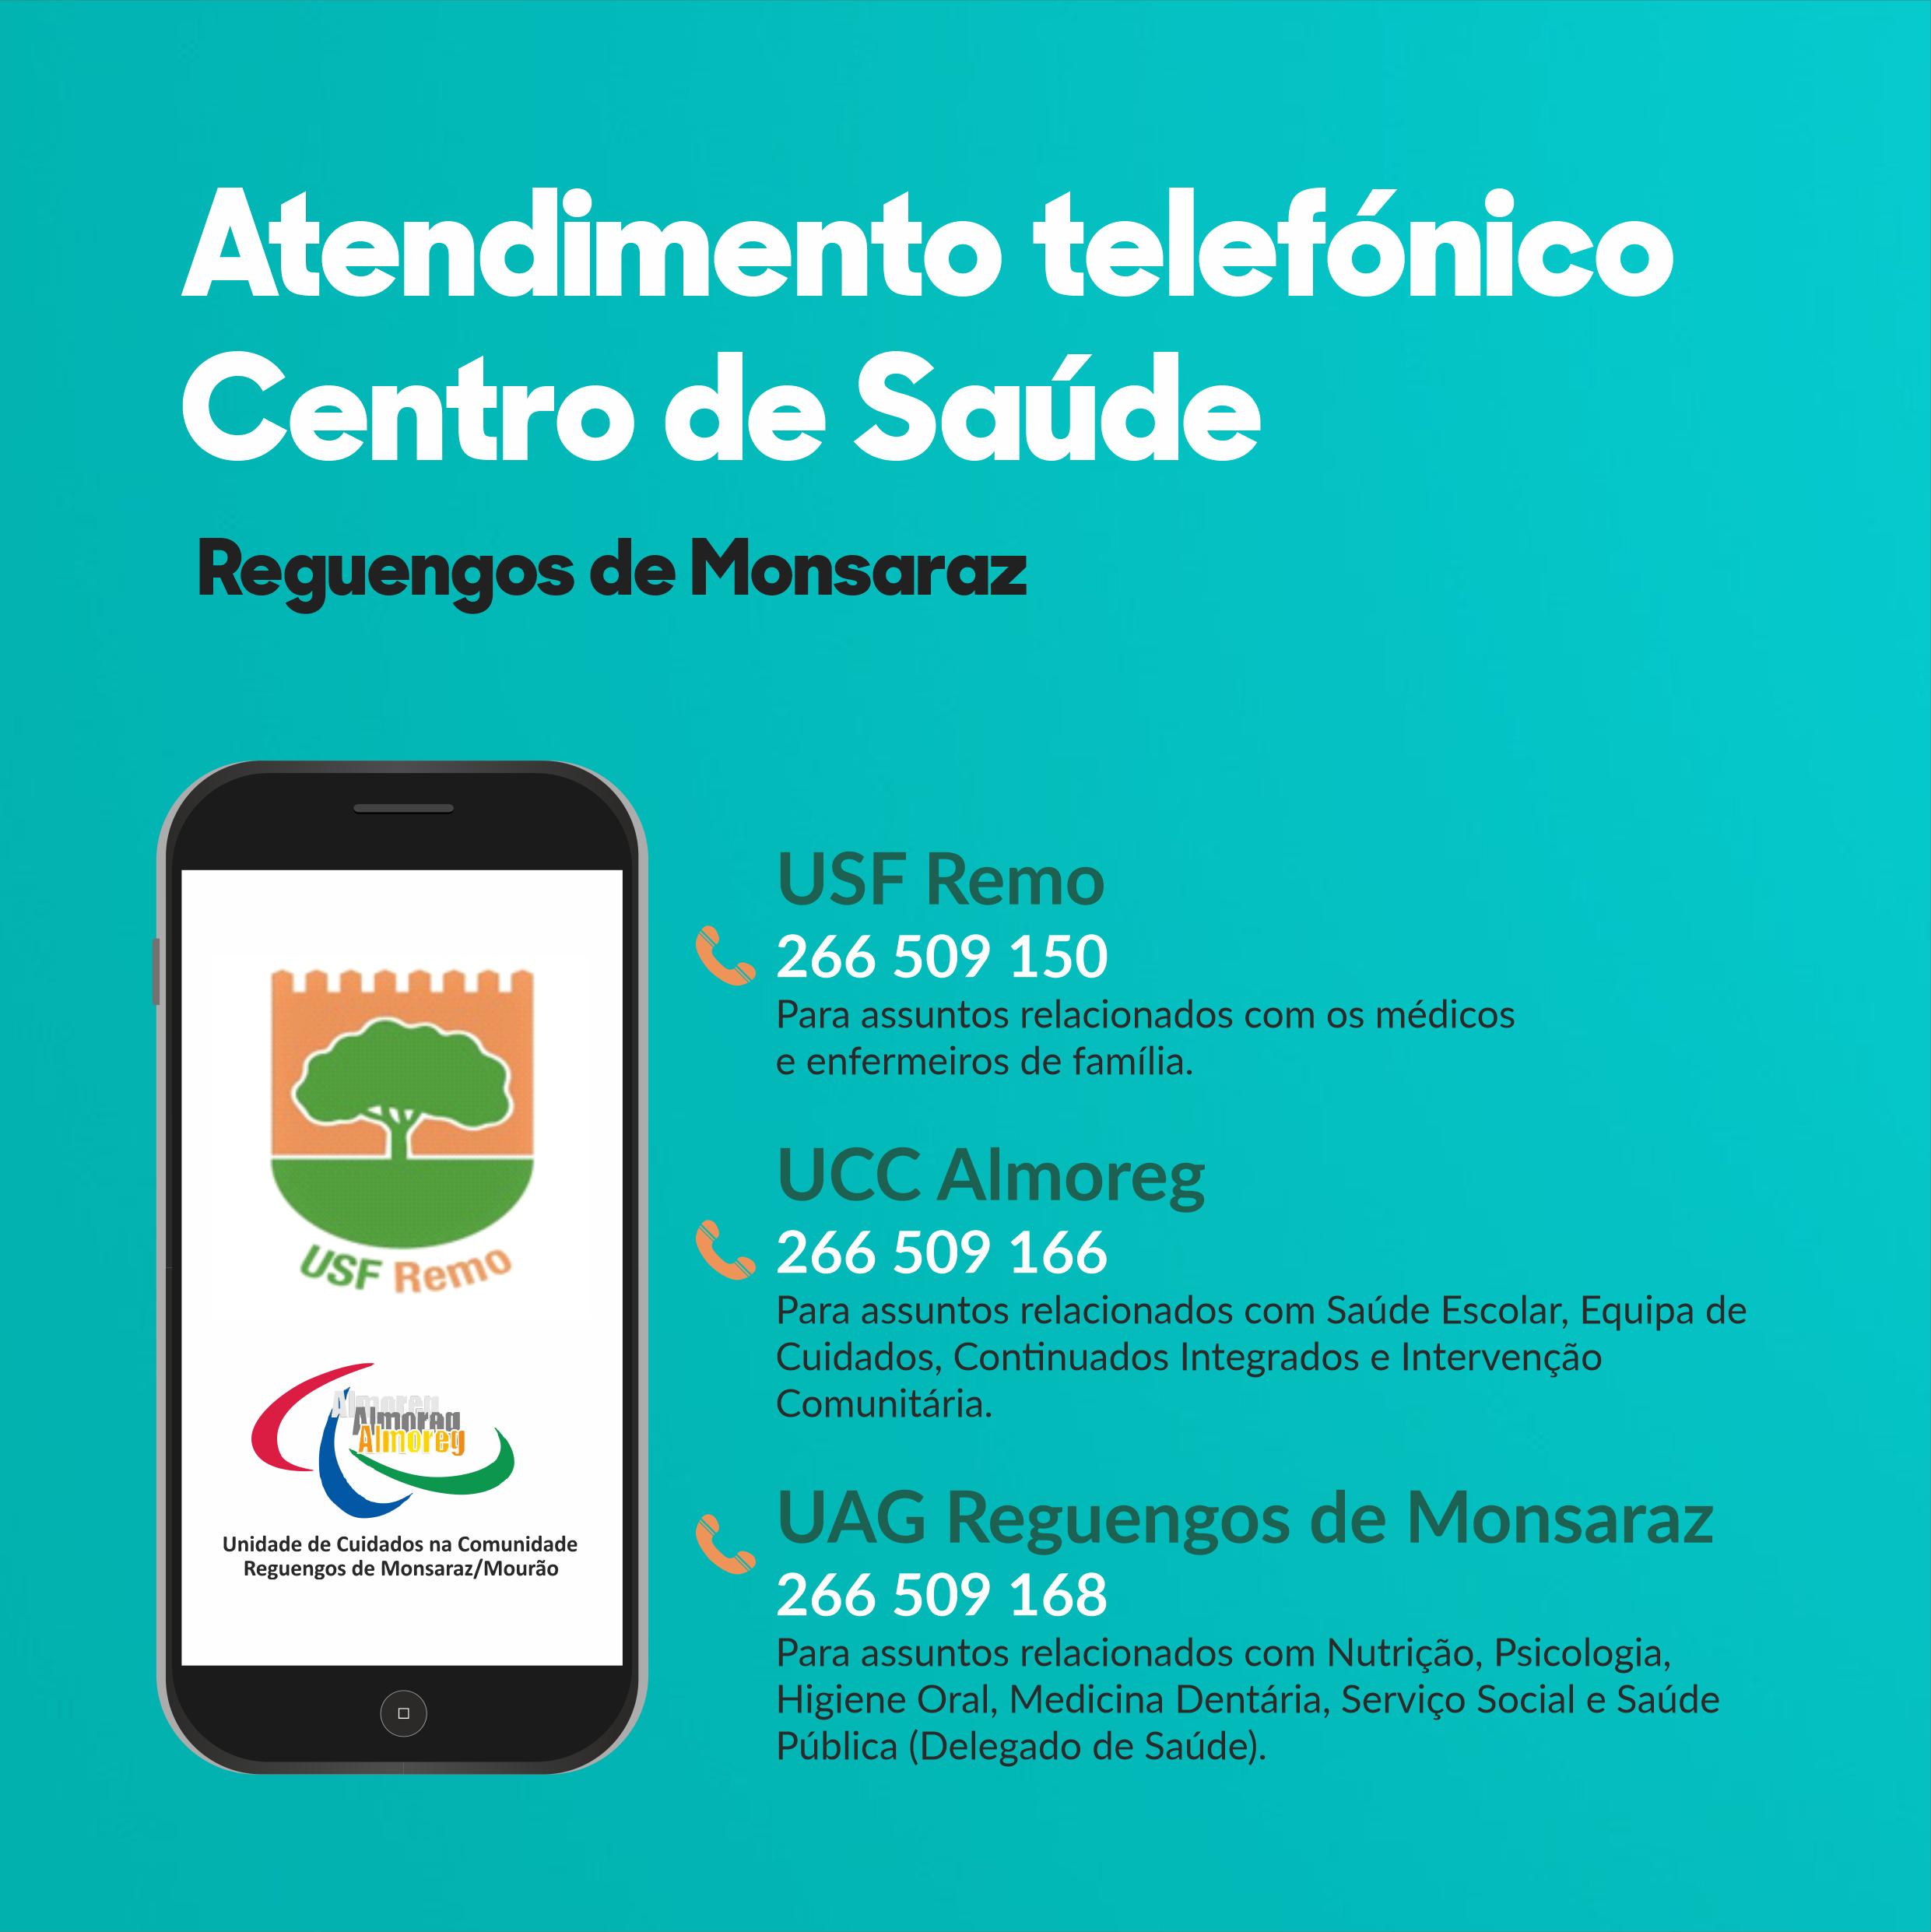 Atendimento telefónico no Centro de Saúde